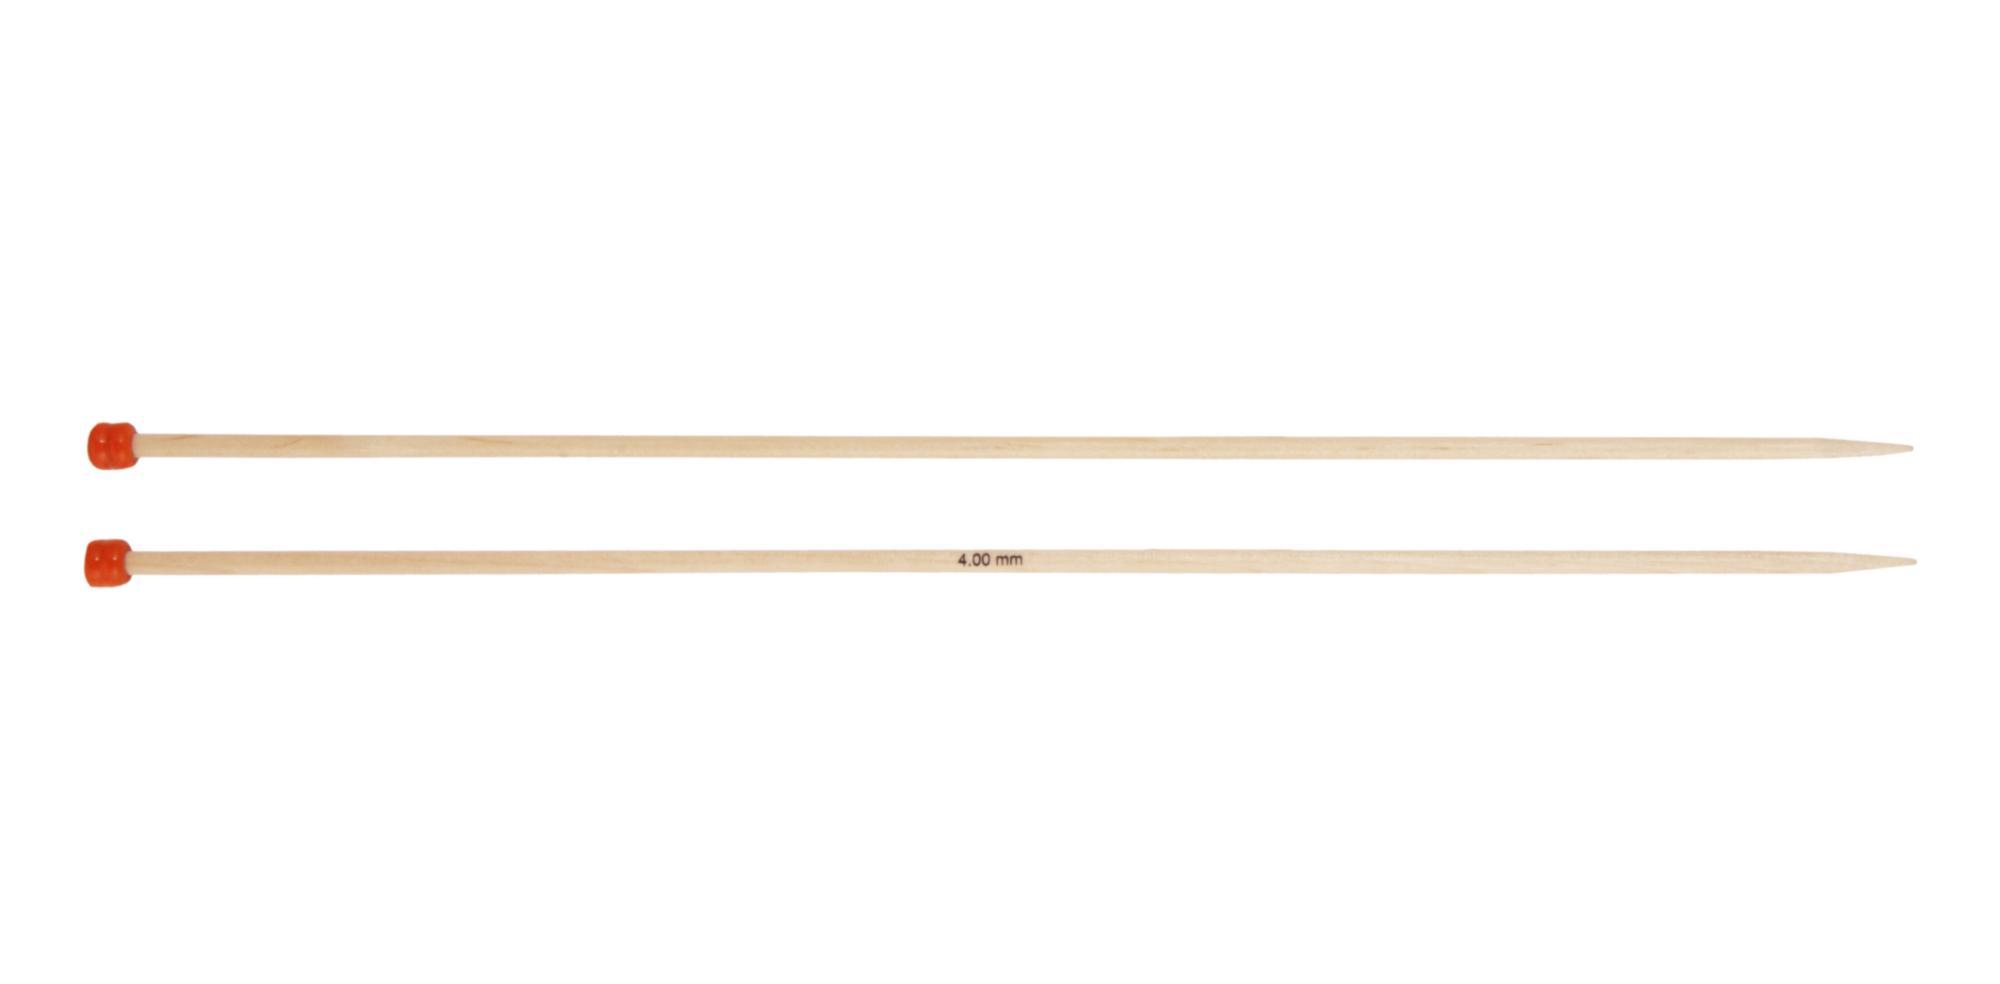 Спицы прямые 40 см Basix Birch Wood KnitPro, 35455, 4.50 мм